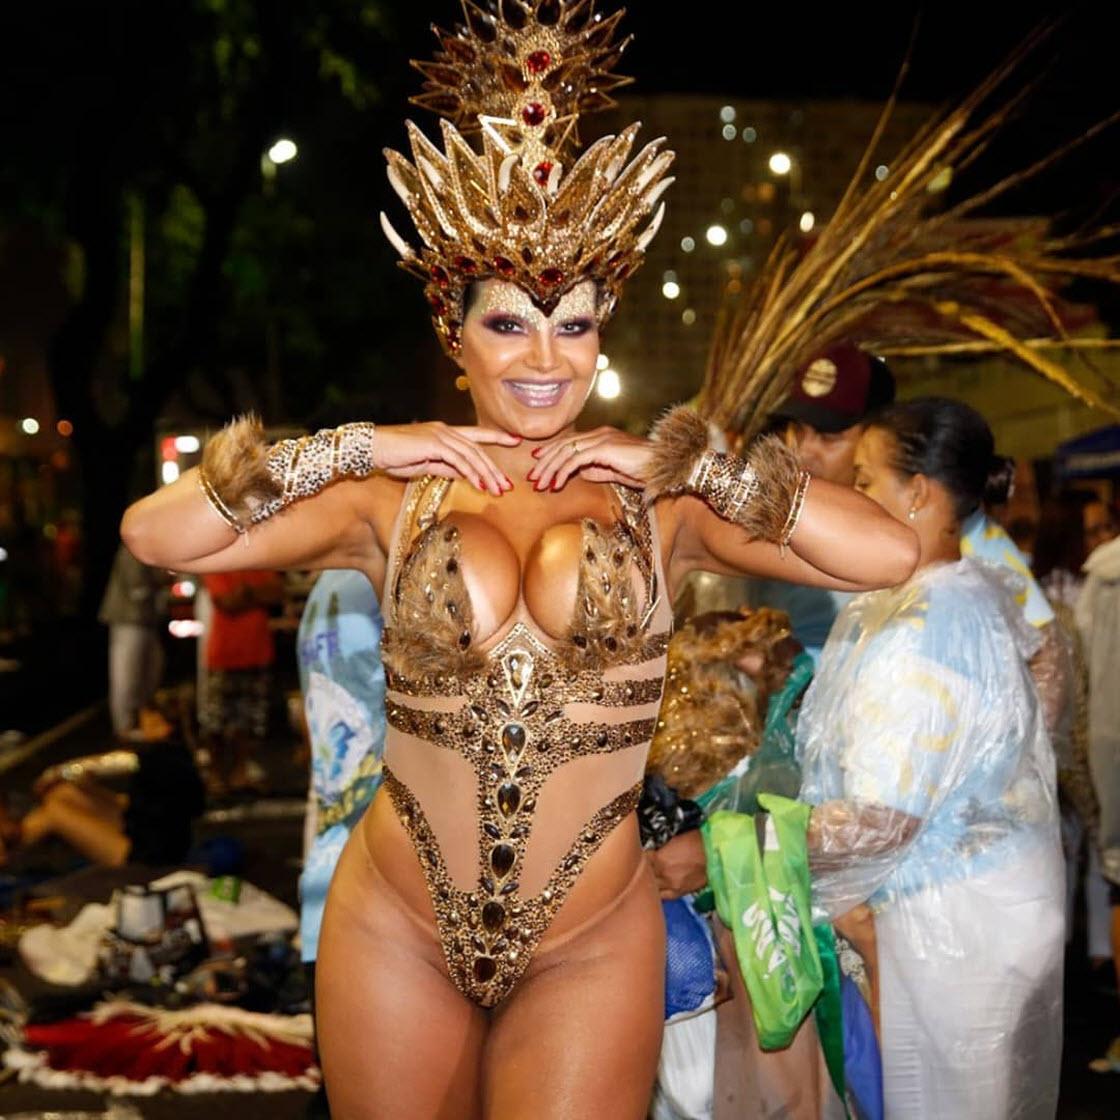 тогда идти голые на карнавале в рио видео другой стороны, монахи